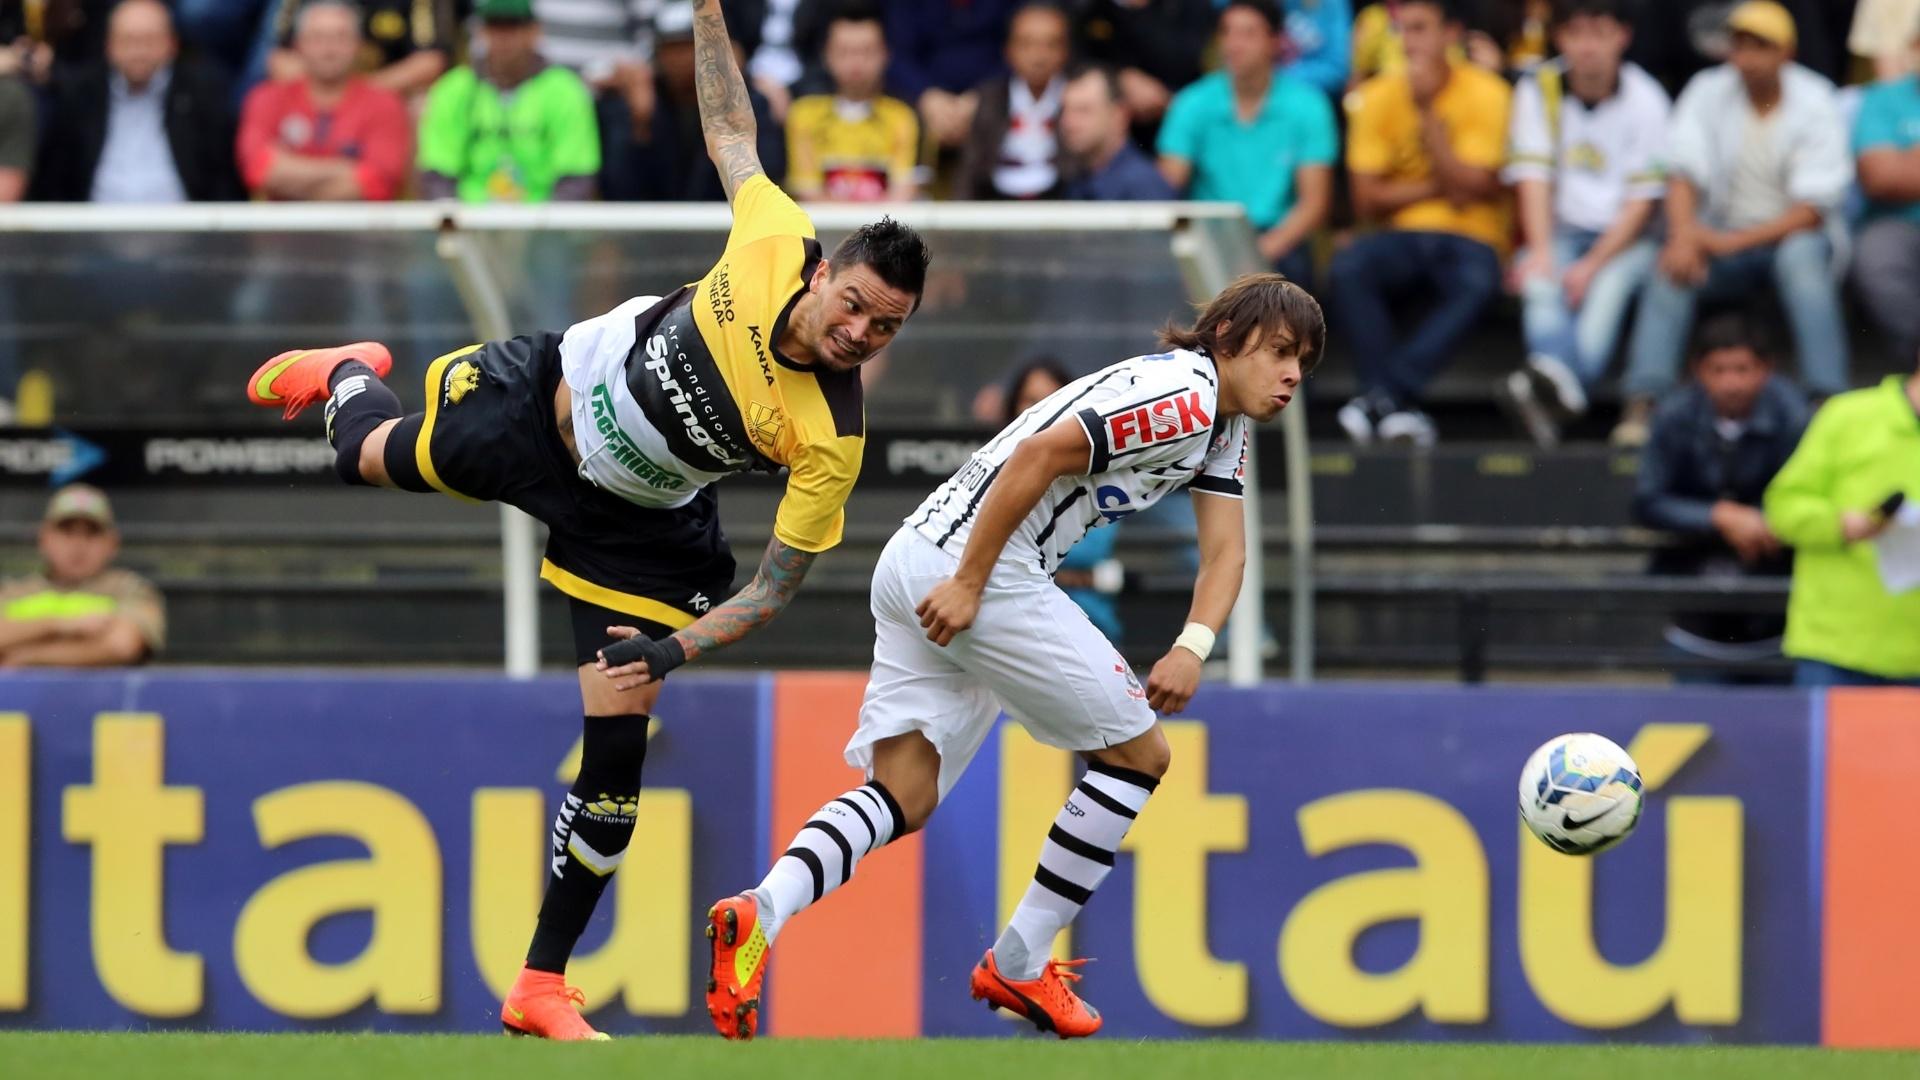 7.9.14 - Romero disputa bola na partida entre Corinthians e Criciúma, pelo Brasileirão